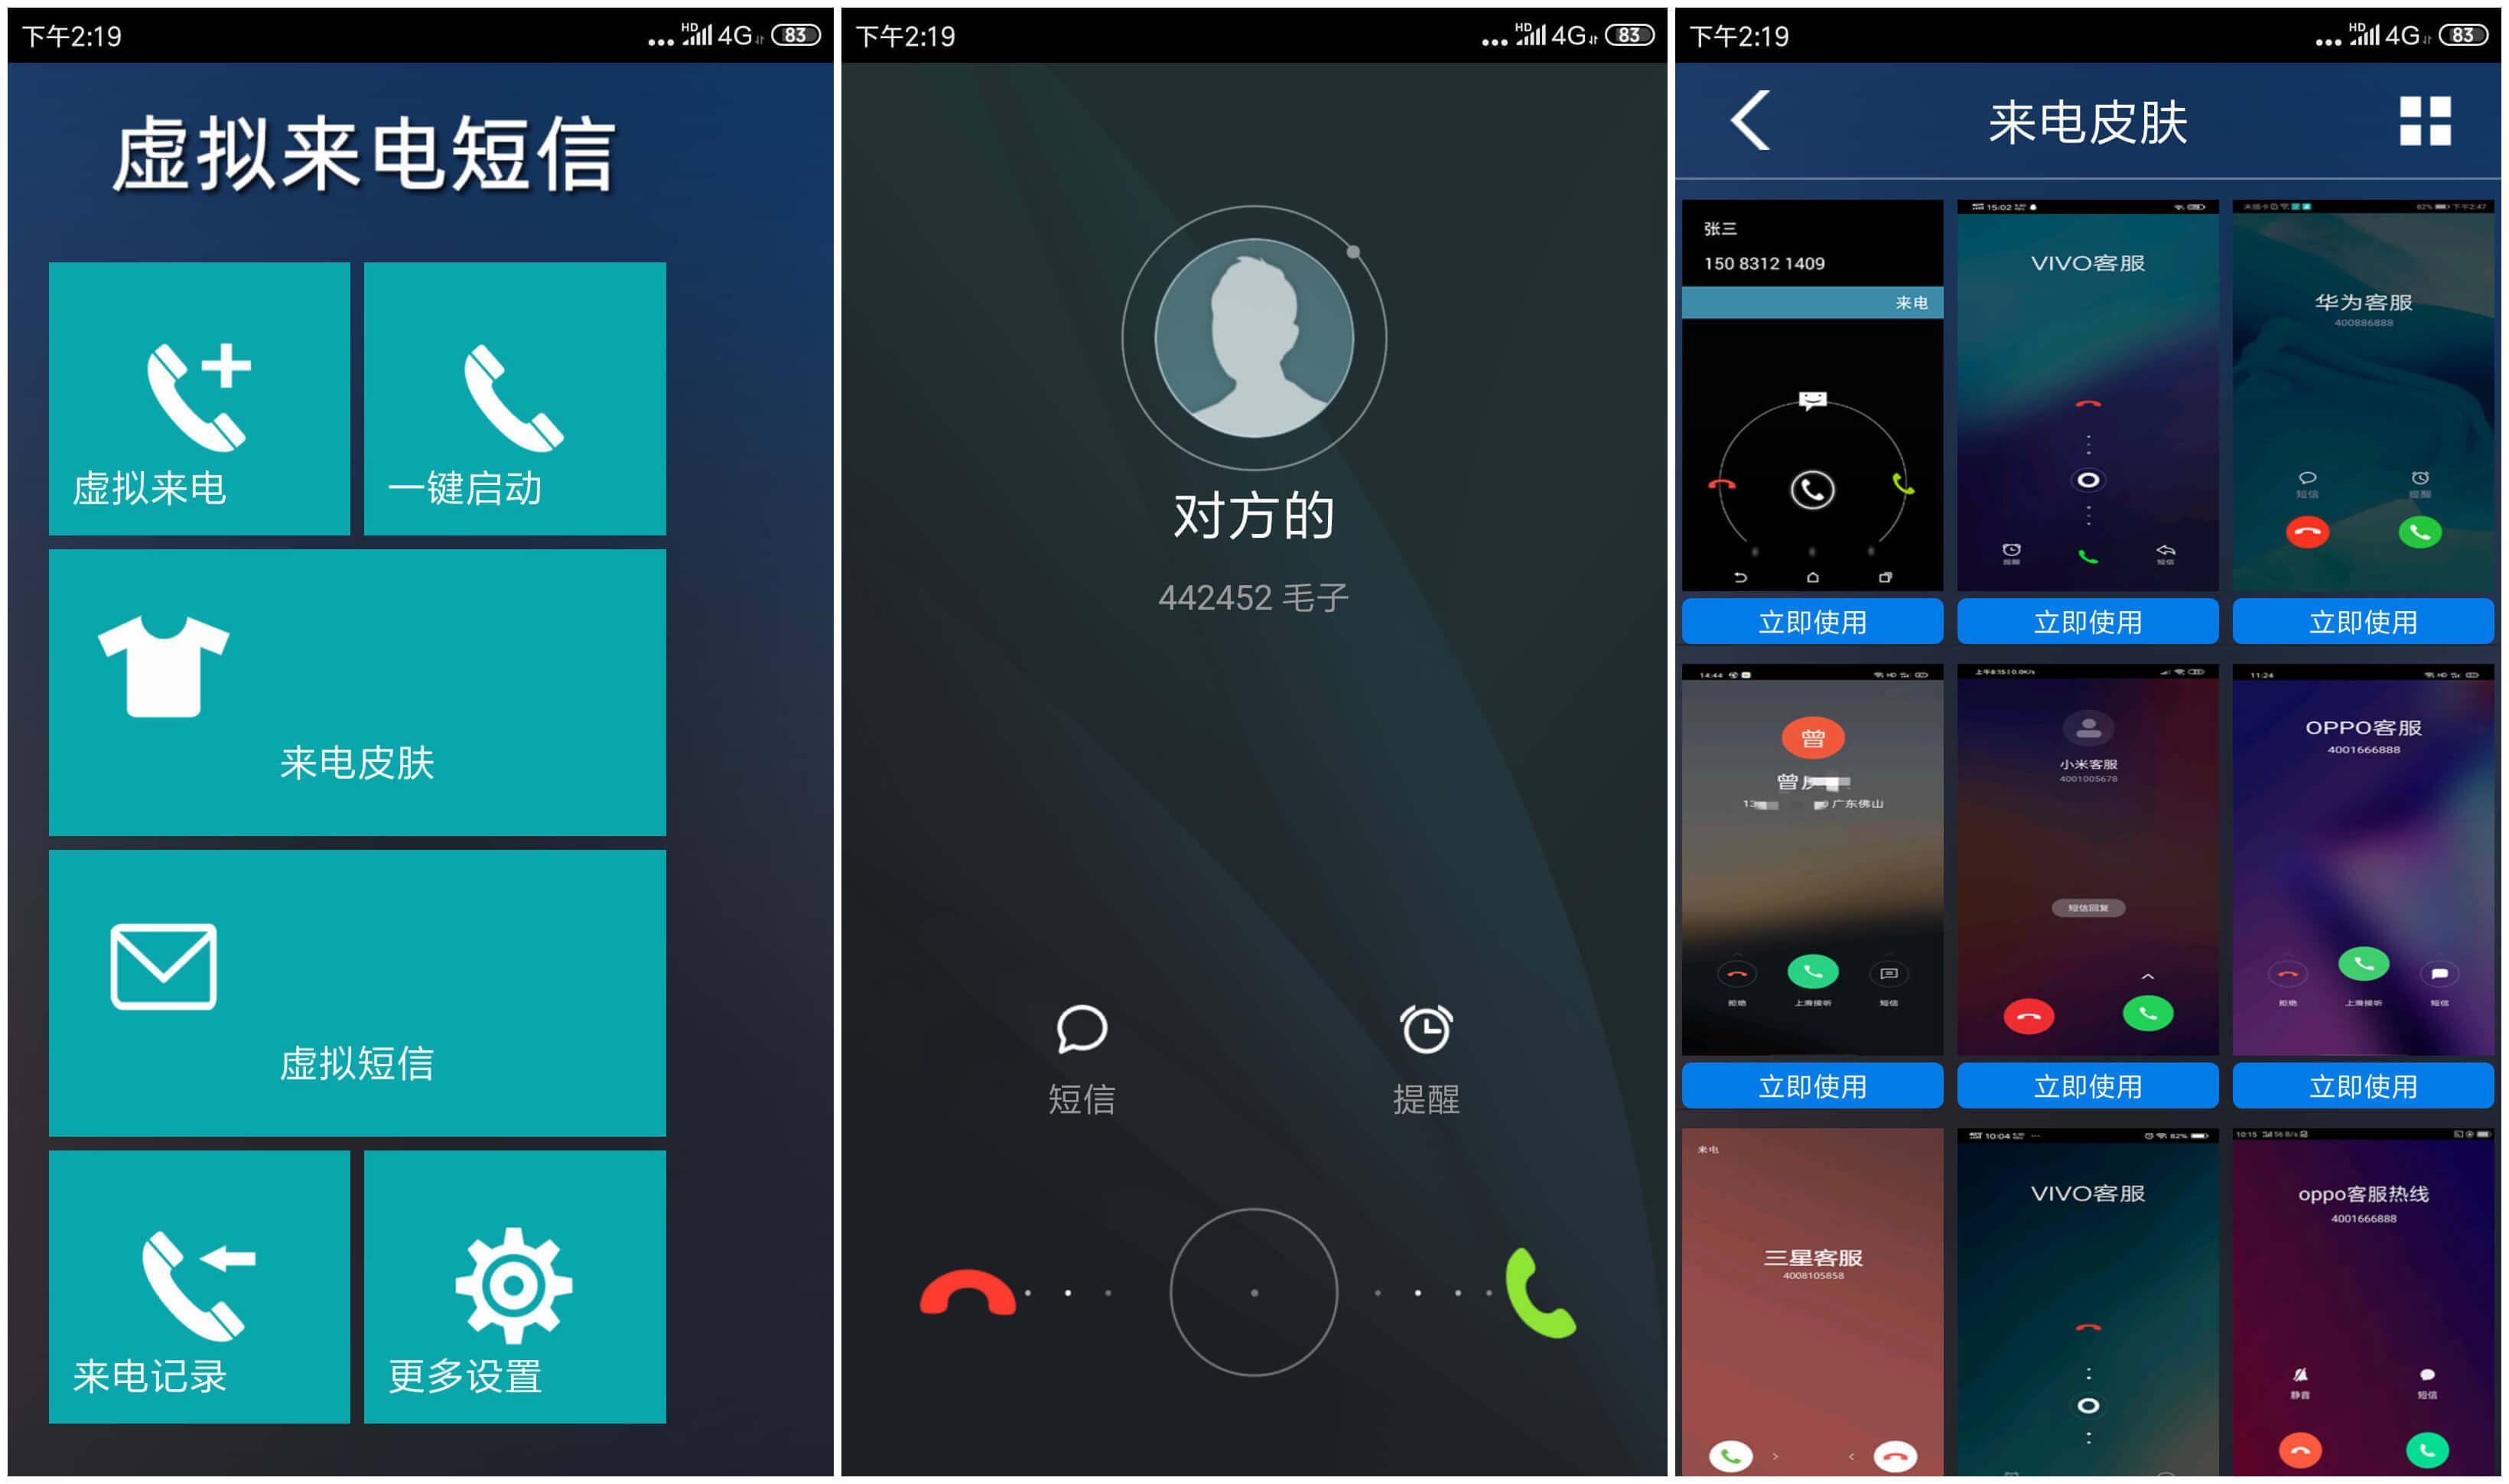 LT虚拟来电短信 尴尬局面必备,202005112249471683.jpg,第1张